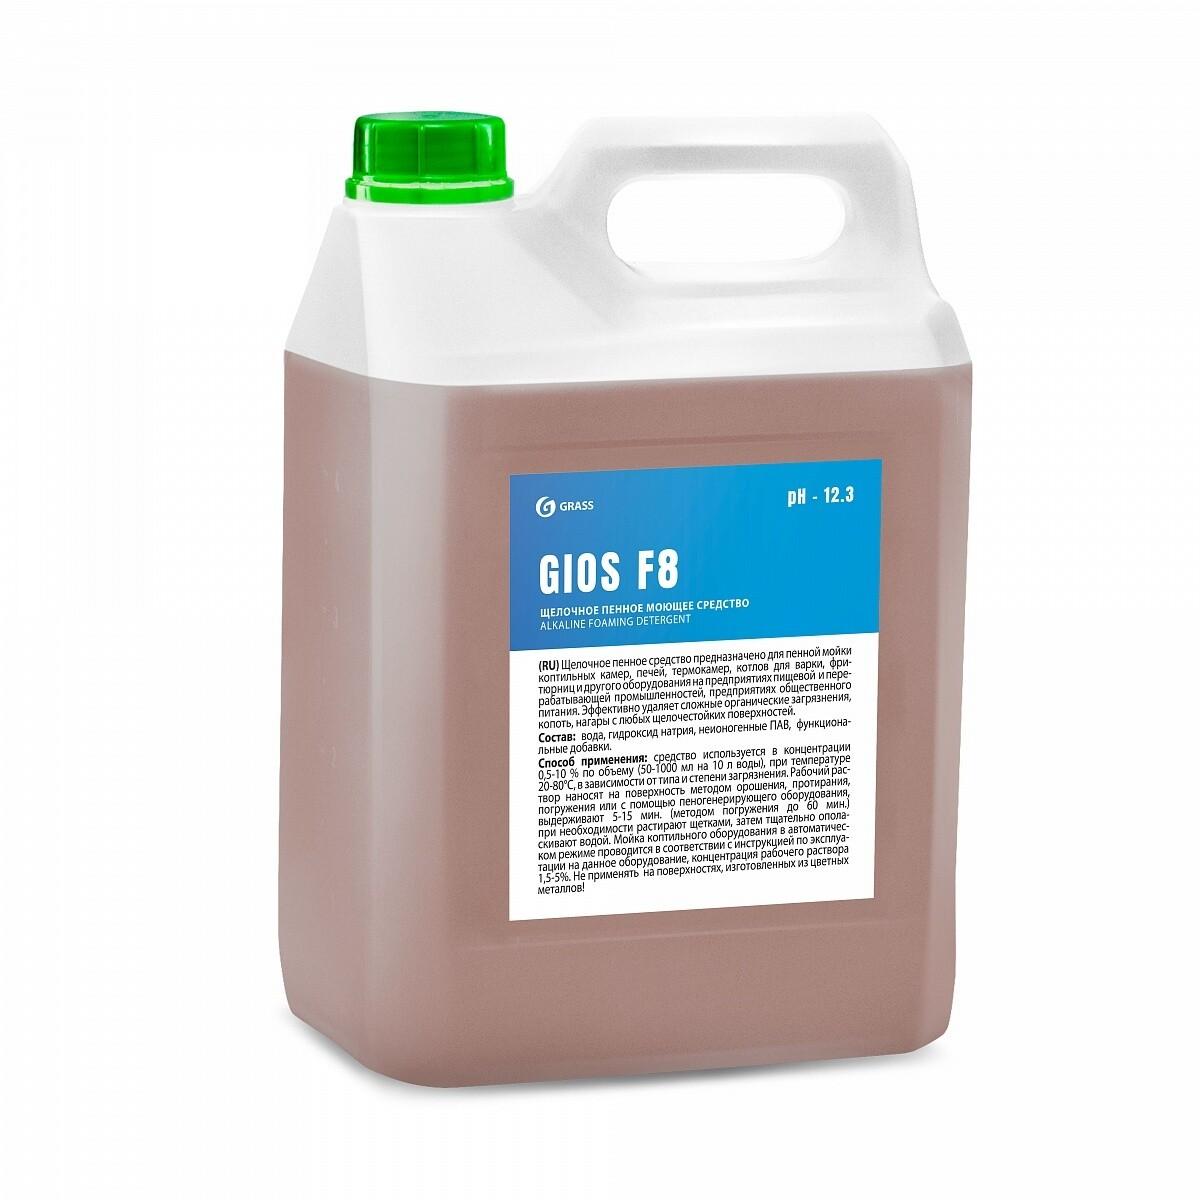 Щелочное пенное моющее средство GIOS F8